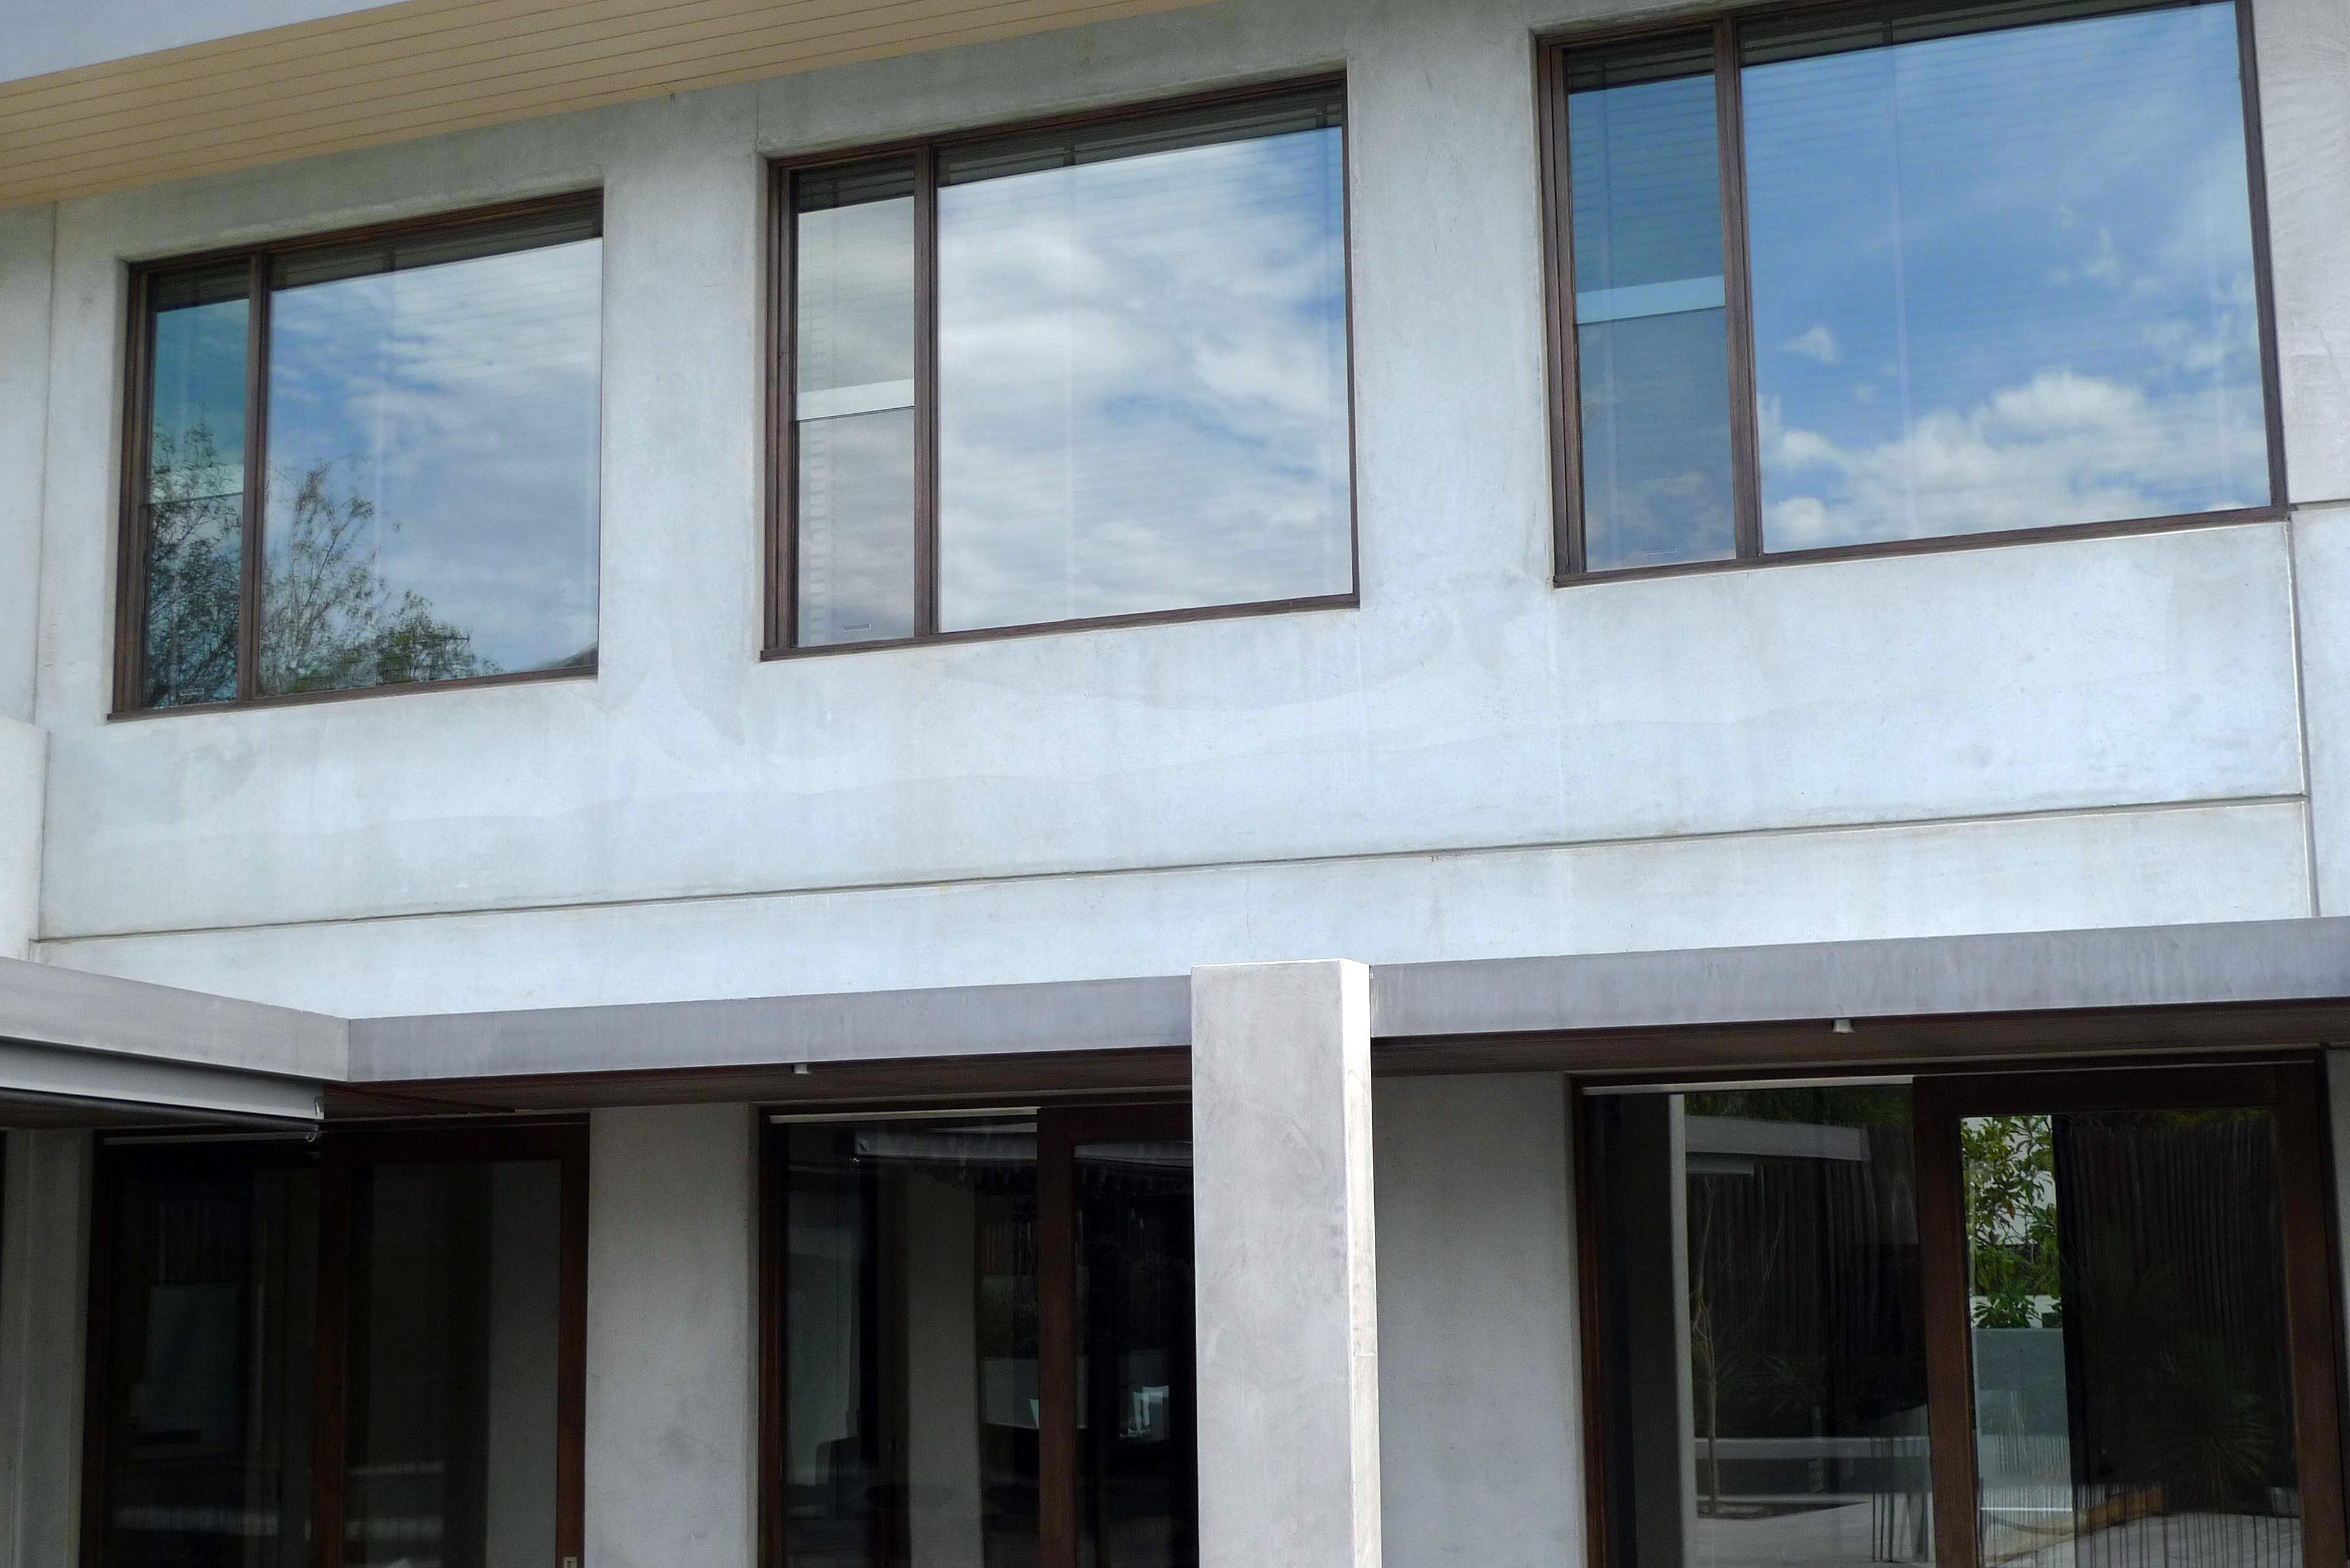 Qualquer edificação precisa considerar a grau insolação em seu projeto.